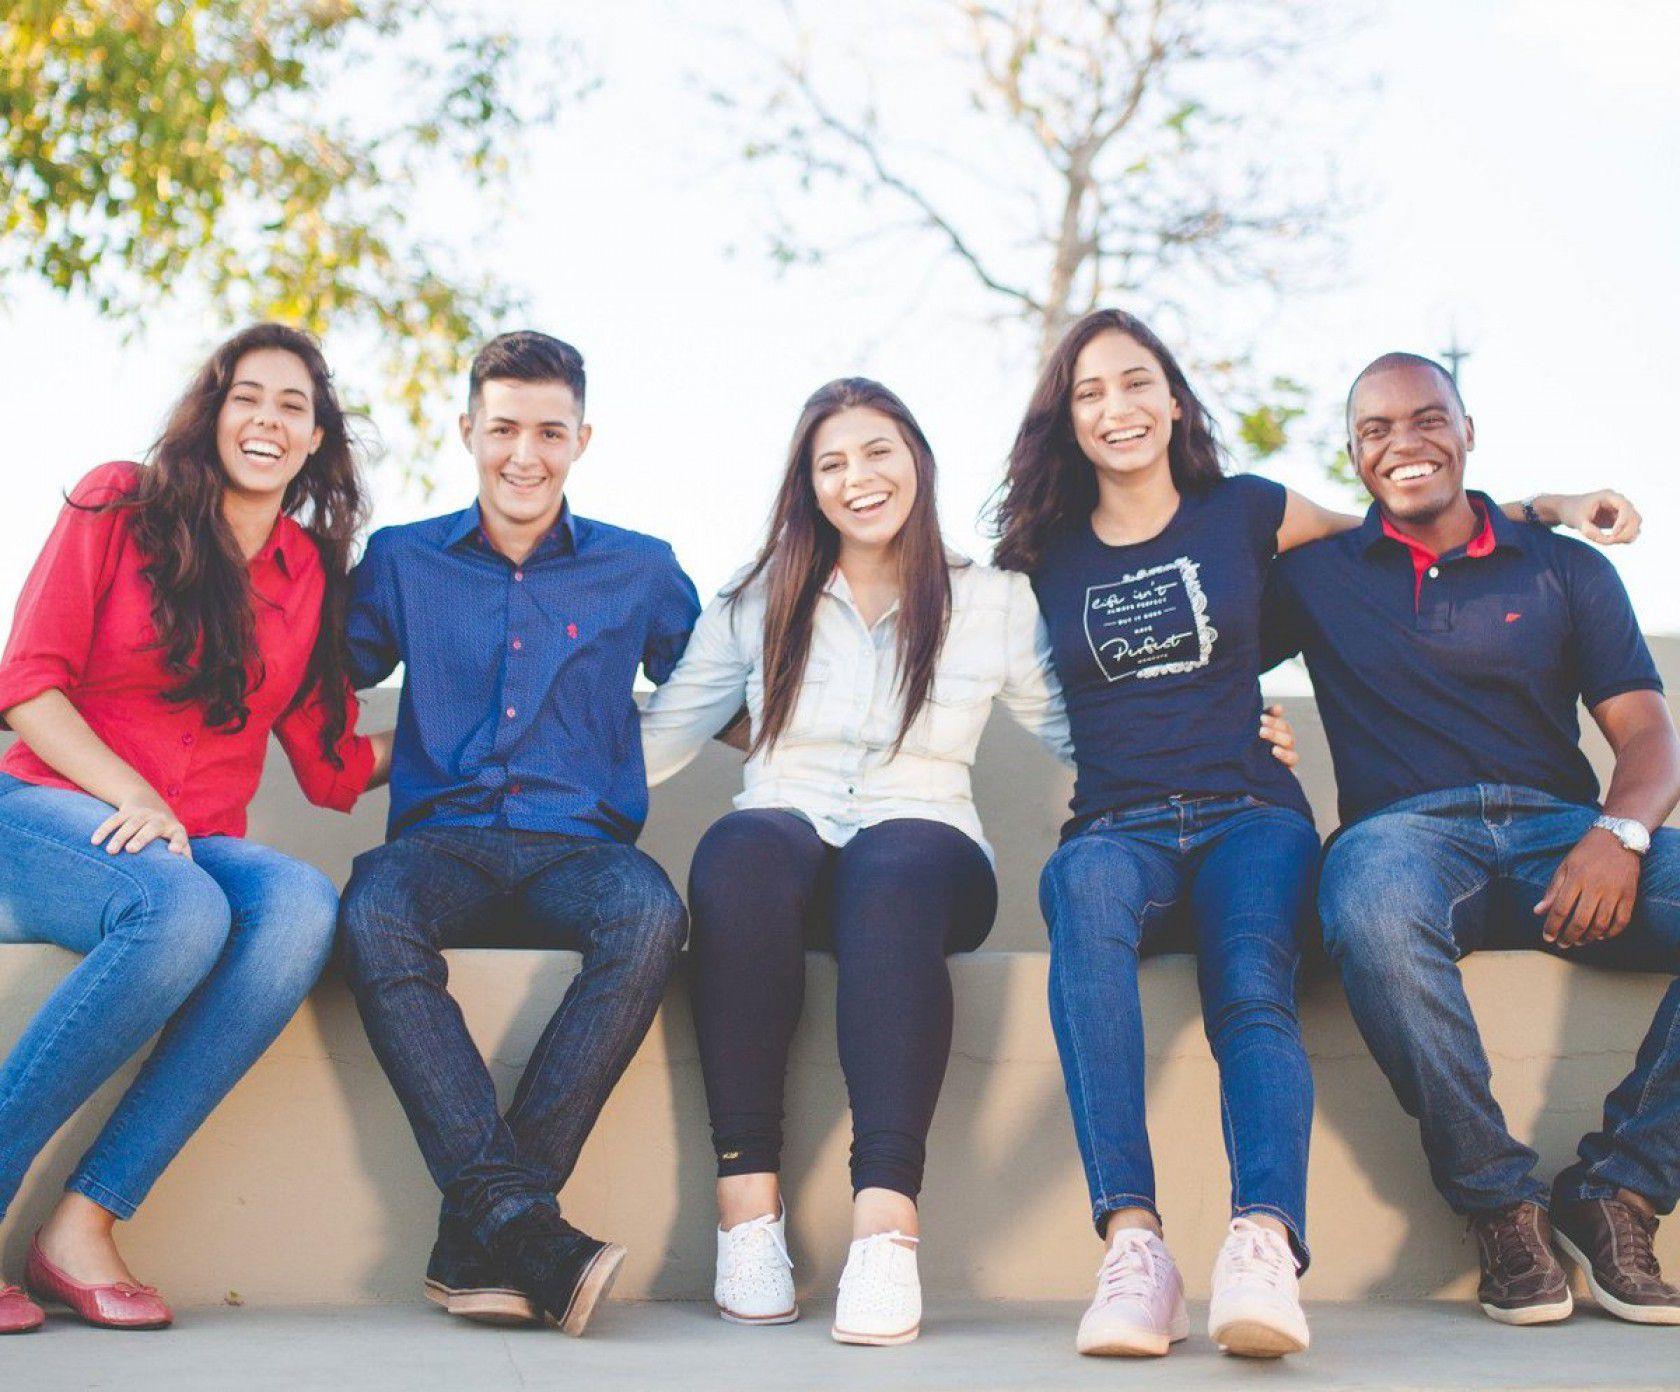 Yurtdışı Maturita Lise Programları için Başvuru Yapacak Olanlar Nelere Dikkat Etmeli?